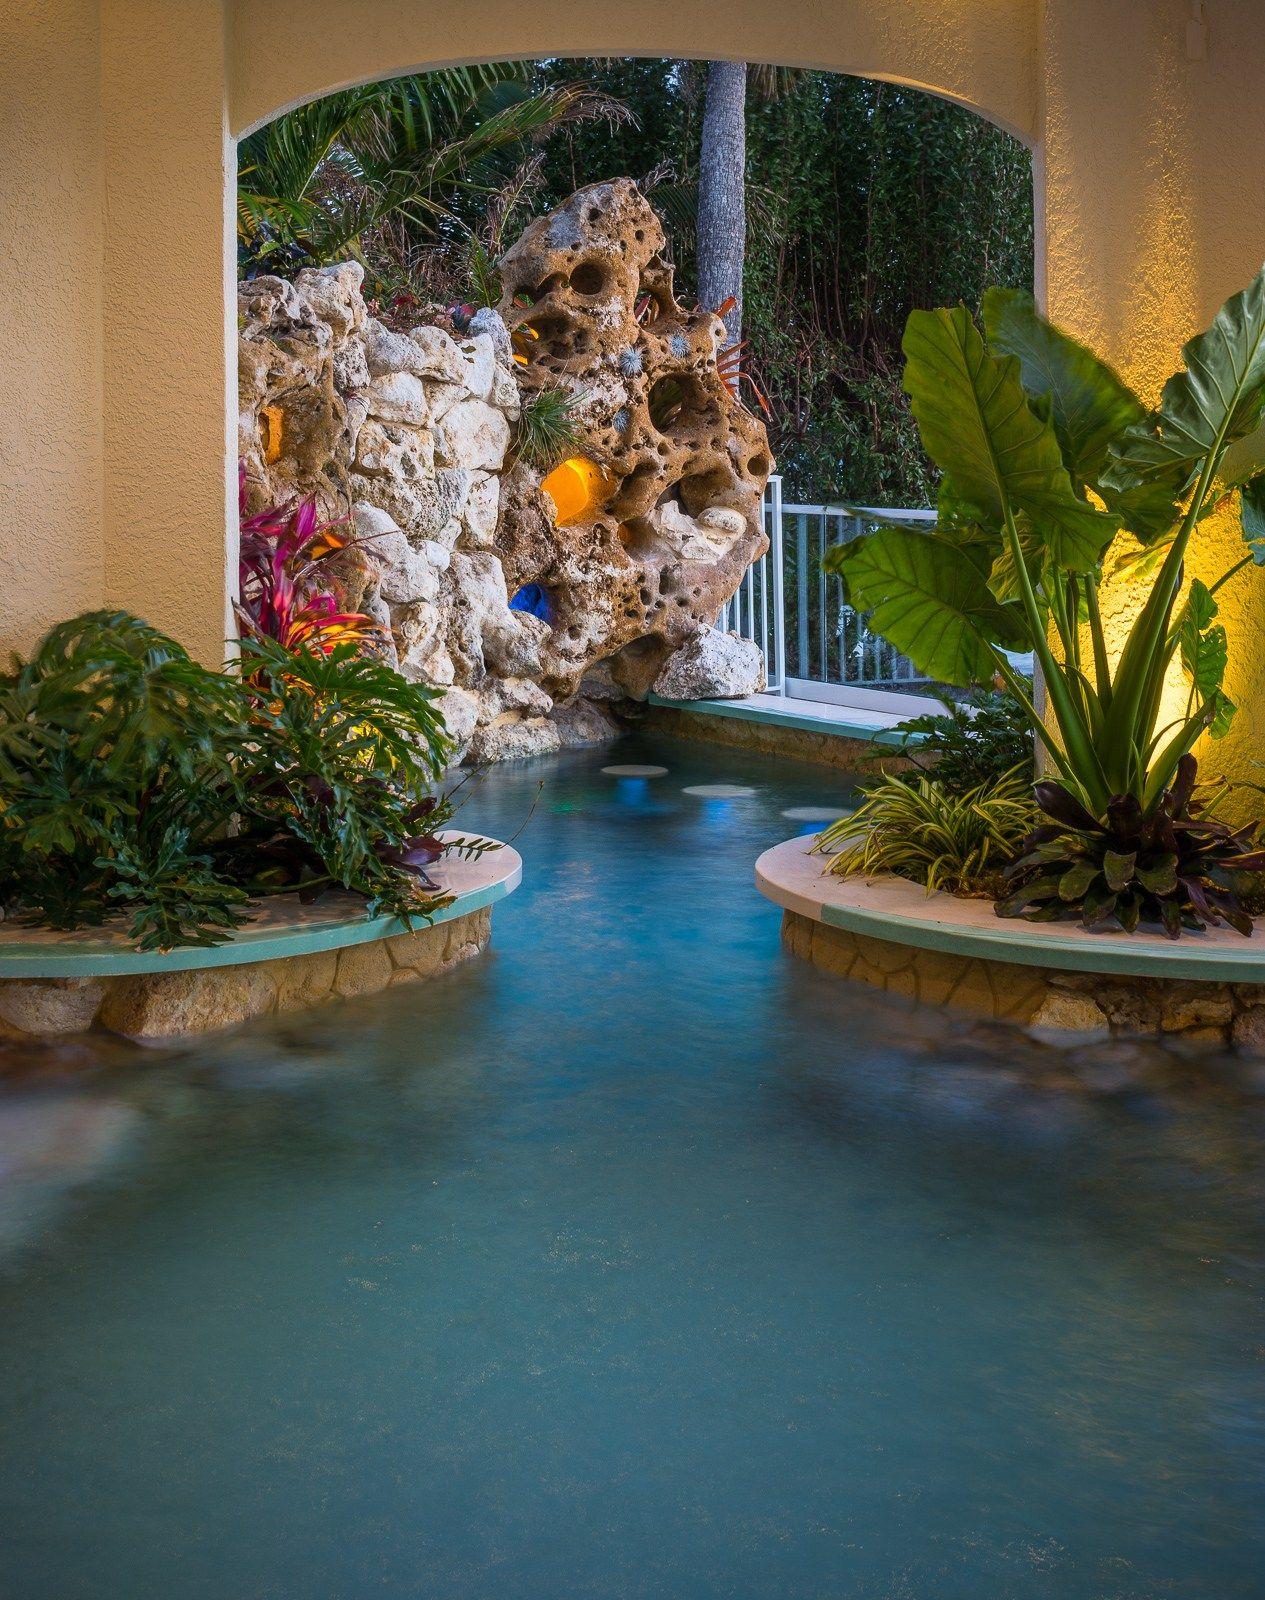 Lucas Lagoons Insane Pools Under The Sea 2 Insane Pools Pool Luxury Swimming Pools